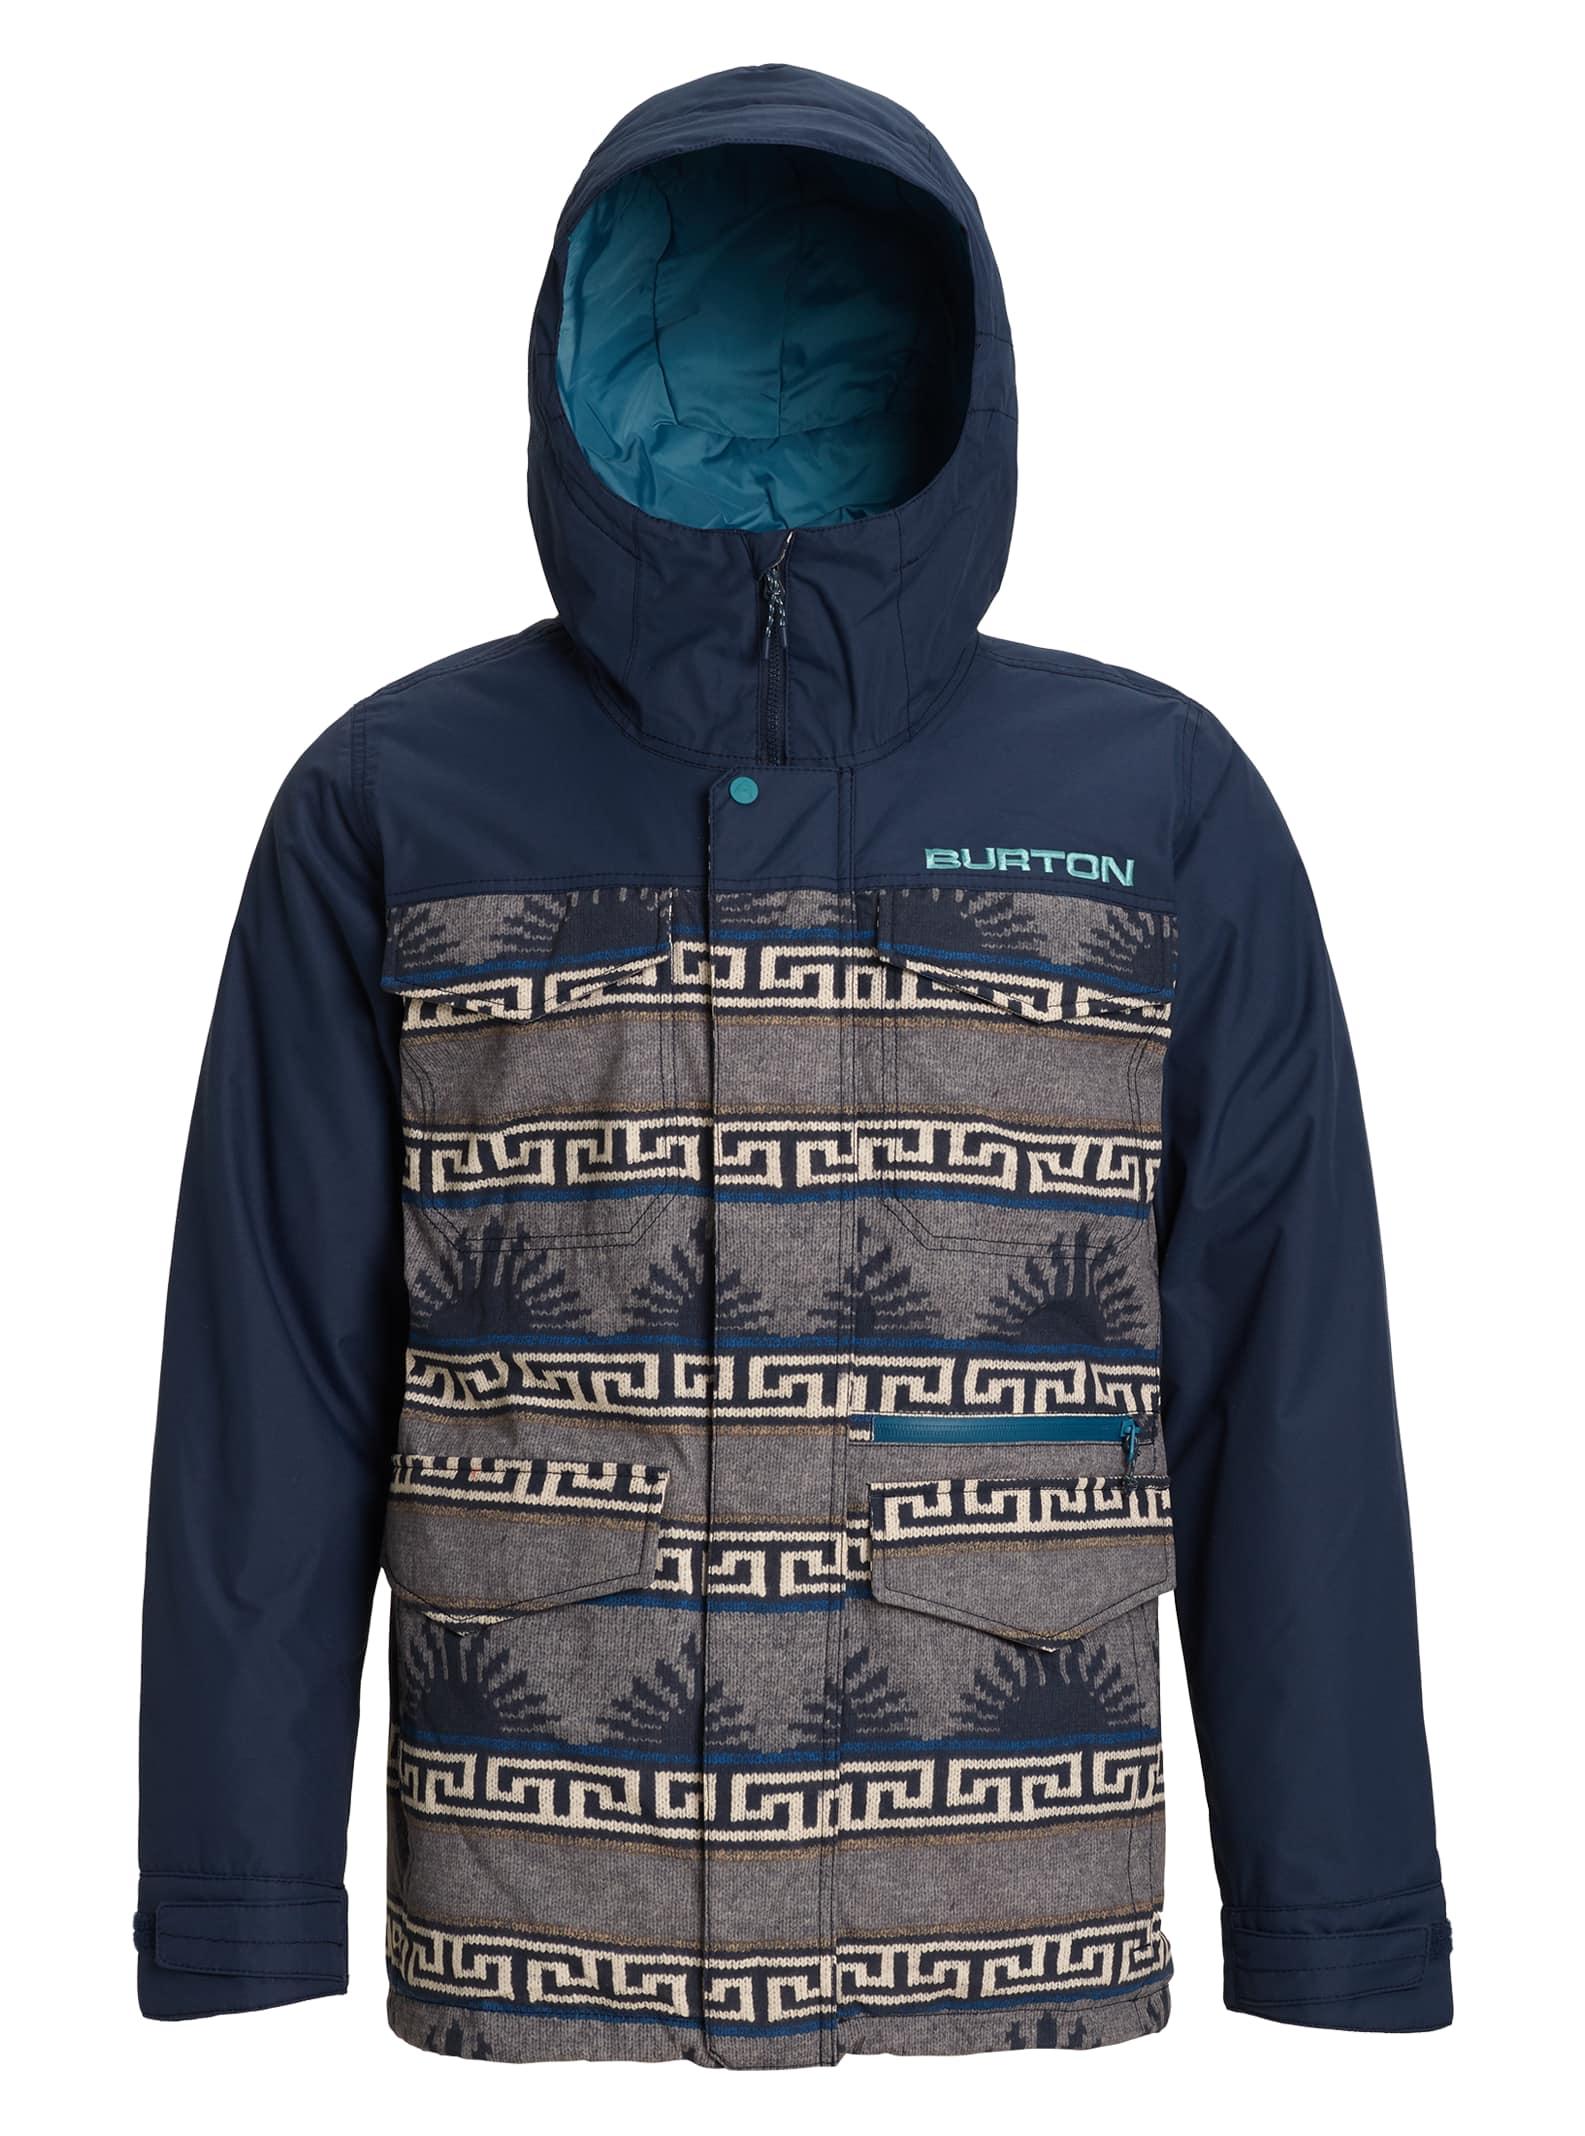 Burton Covert-jacka för herrar, Spurwink / Dress Blue, XS